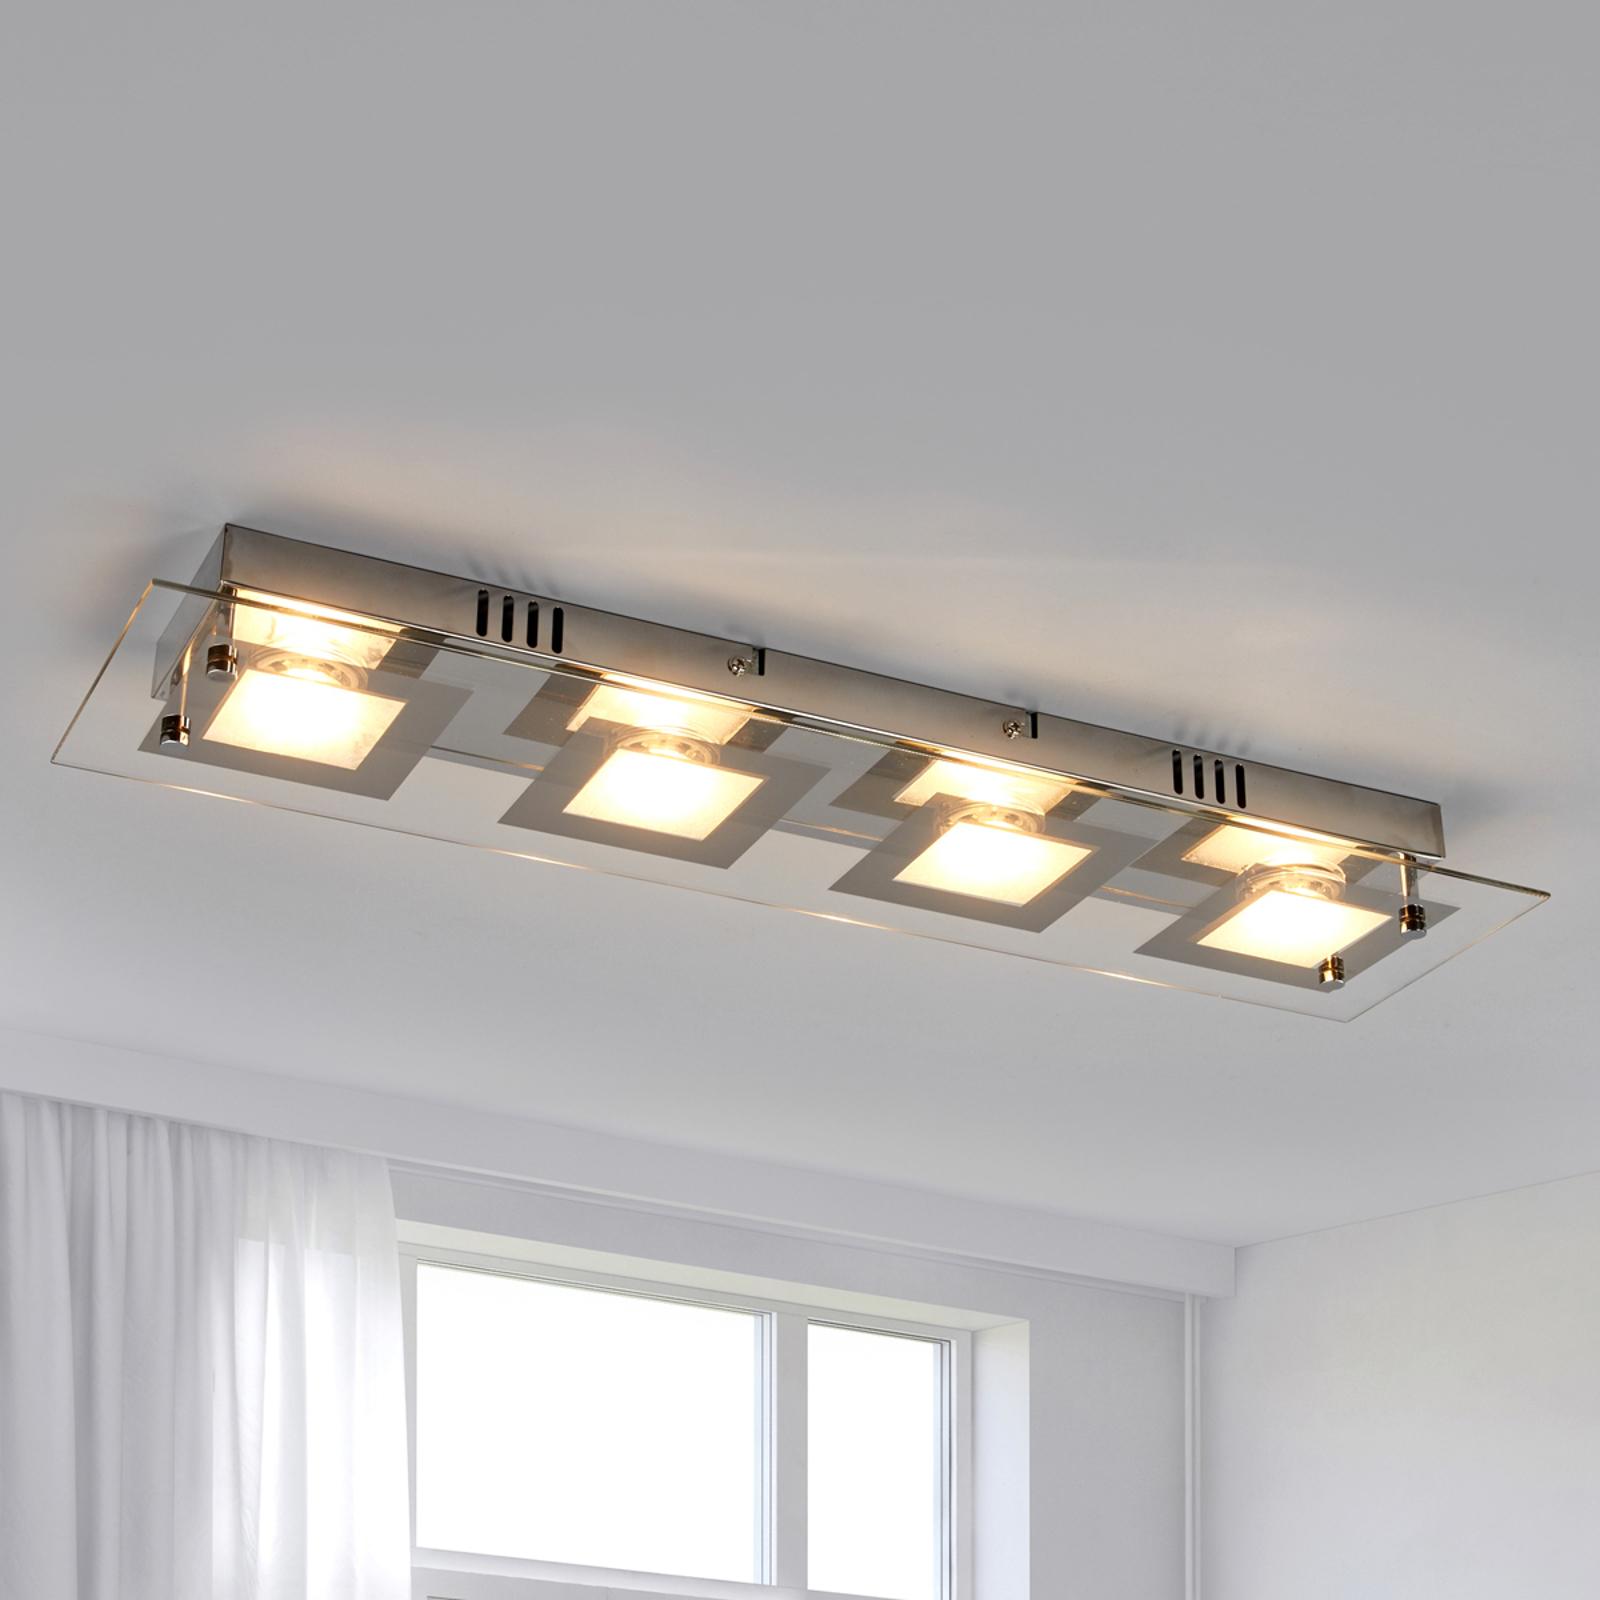 Podlouhlé stropní LED svítidlo Manja schromem